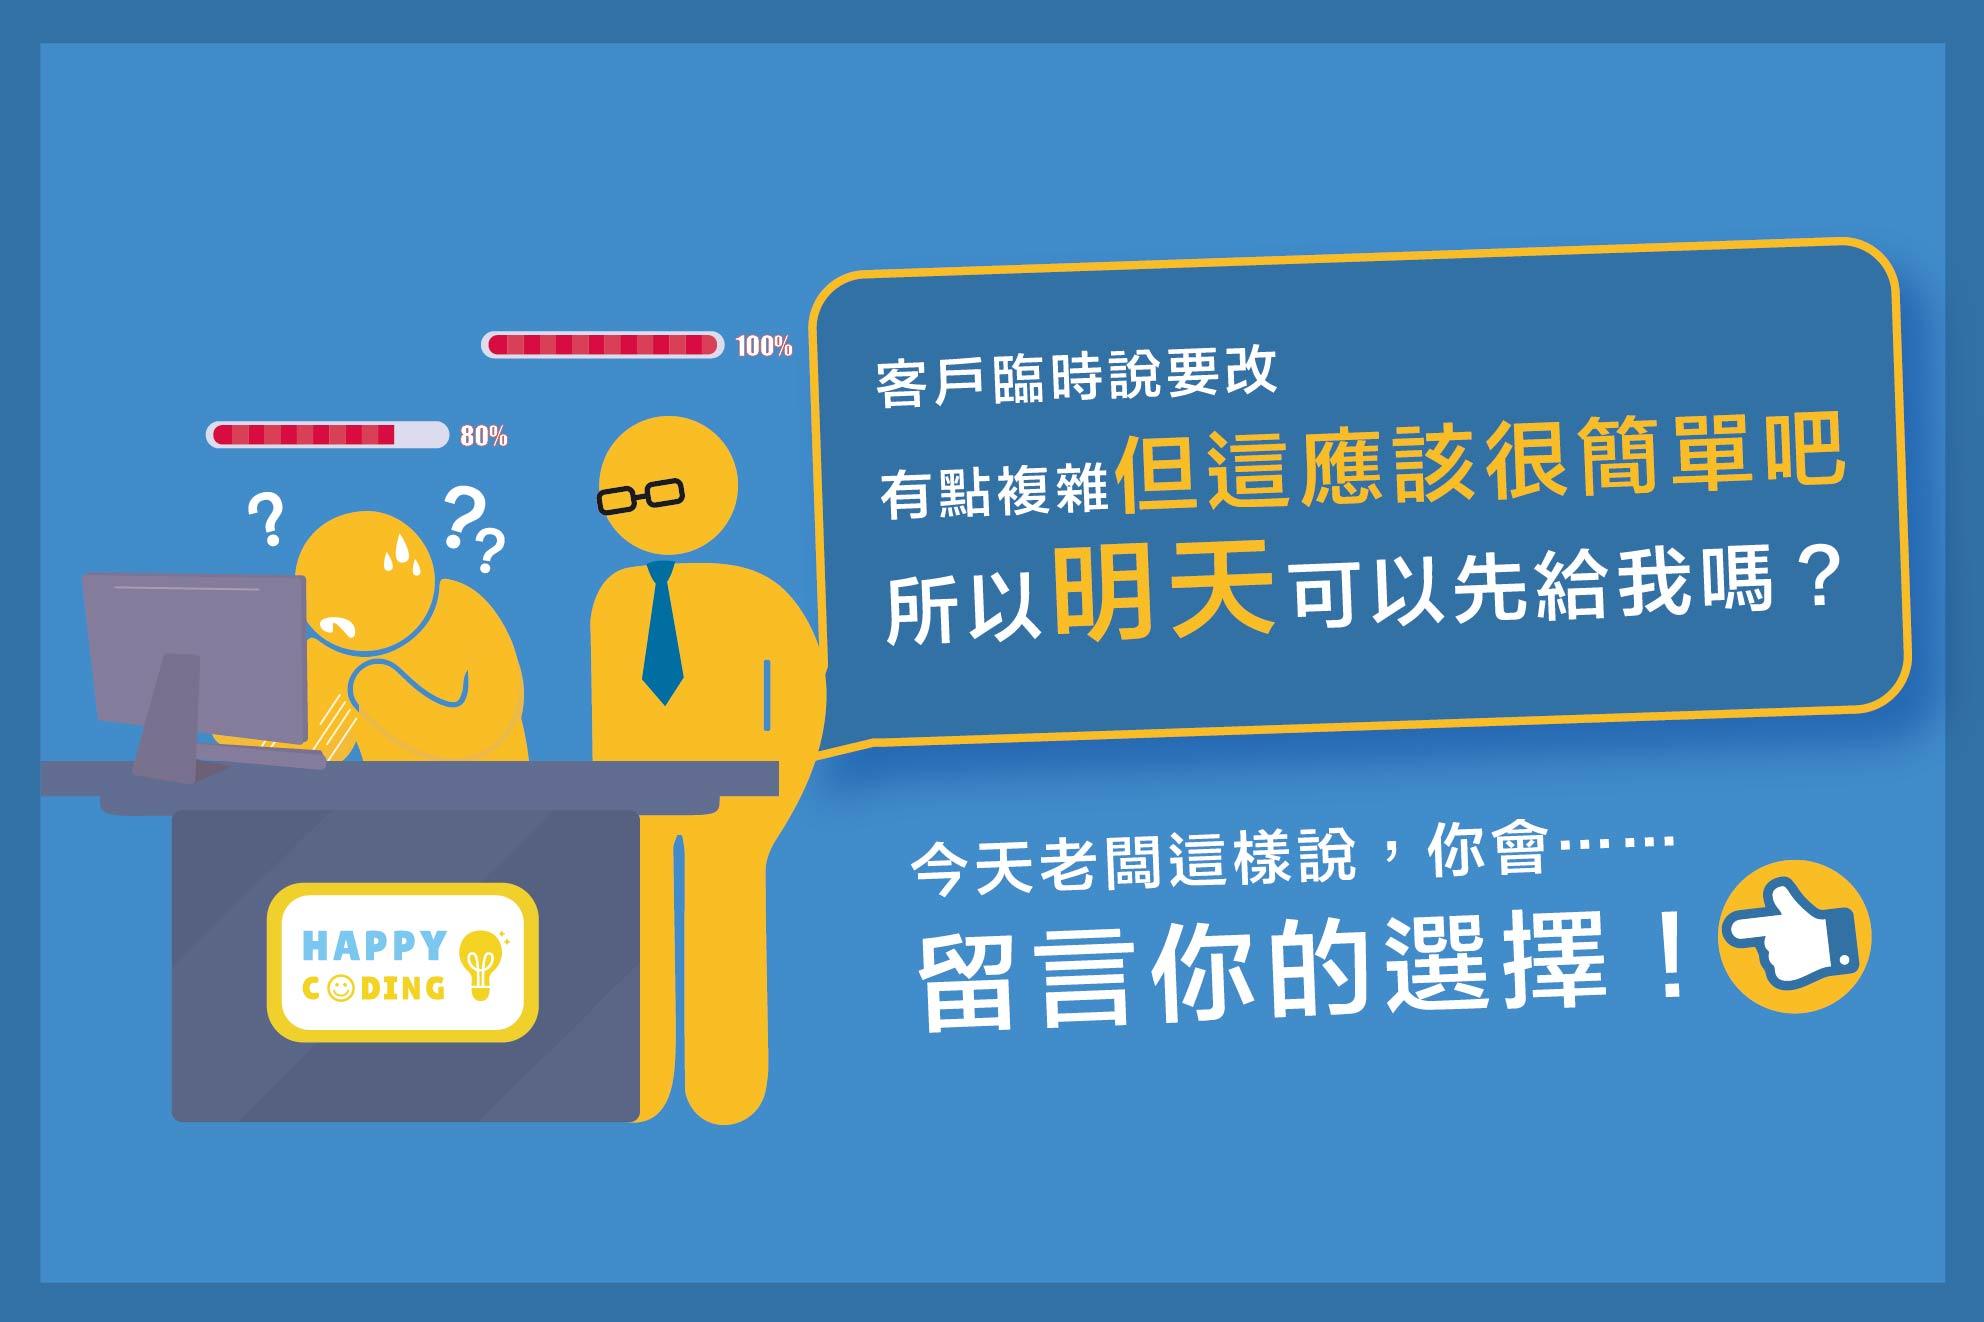 老闆惹怒工程師可以激起多大的社群效應:Chatbot 新手基礎操作案例